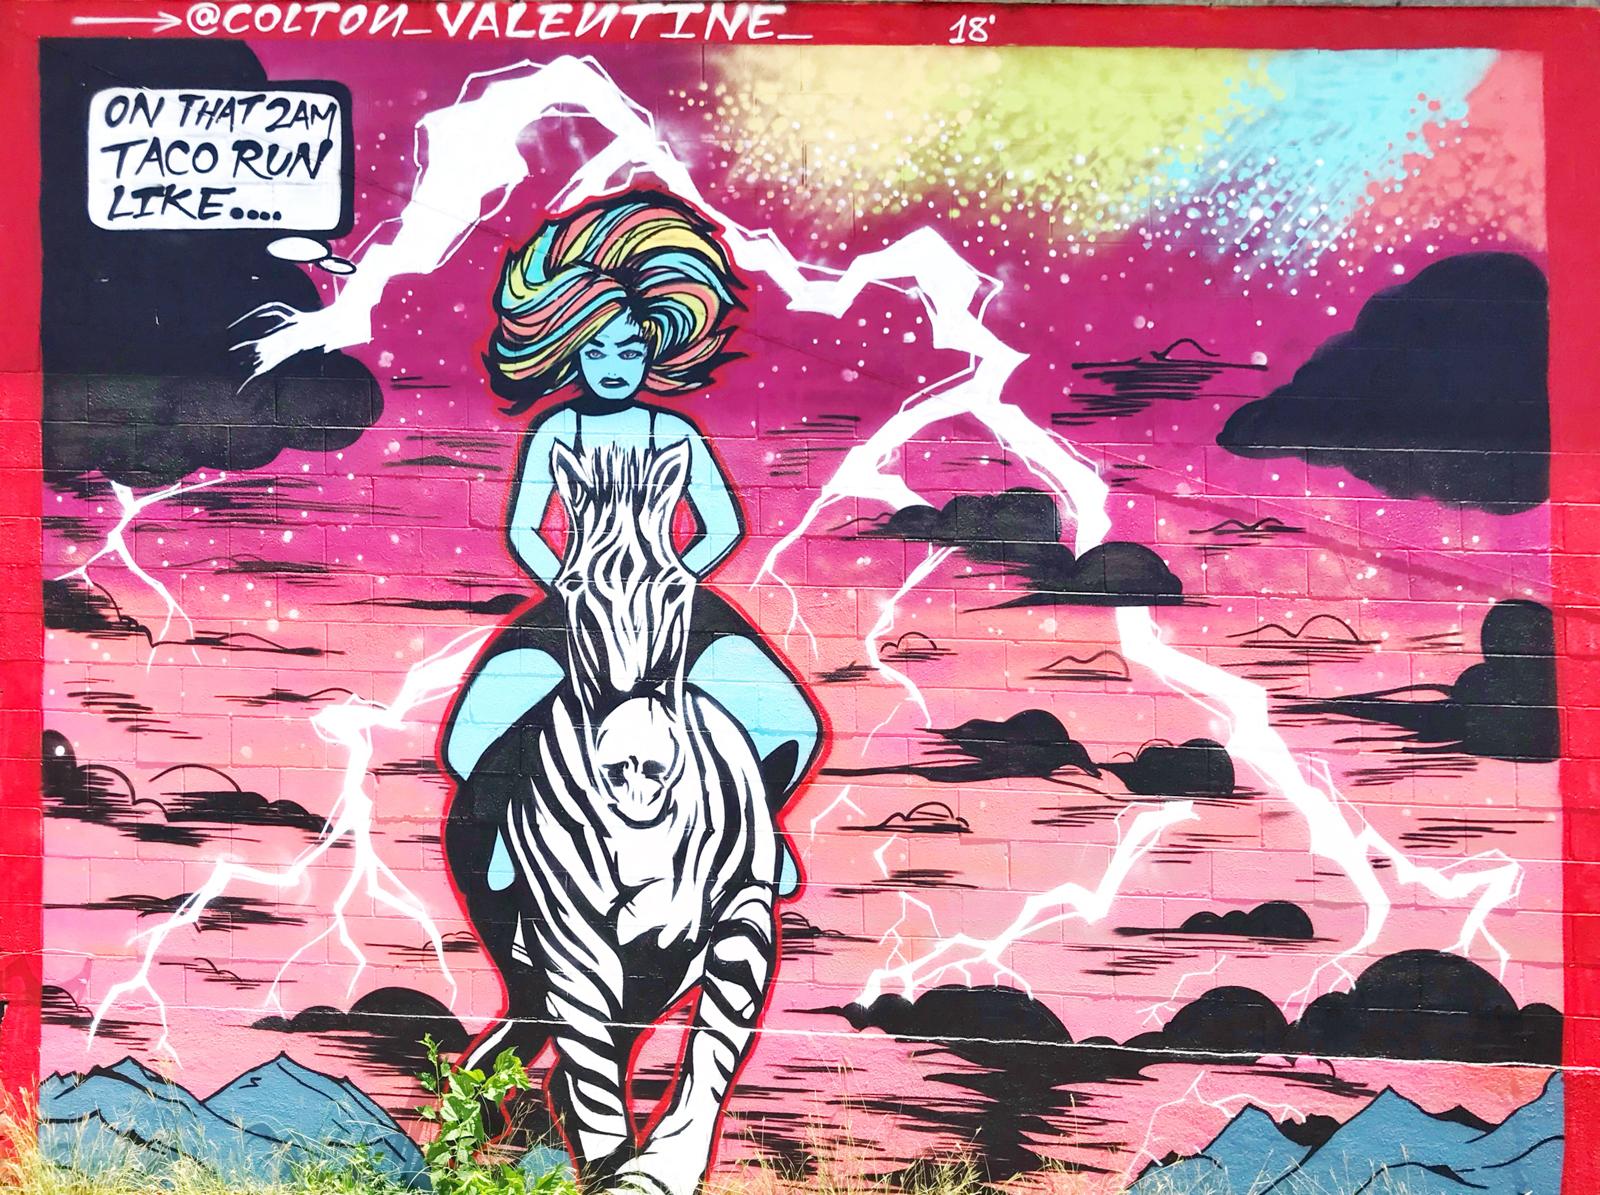 2am Taco Run by Colton Valentine